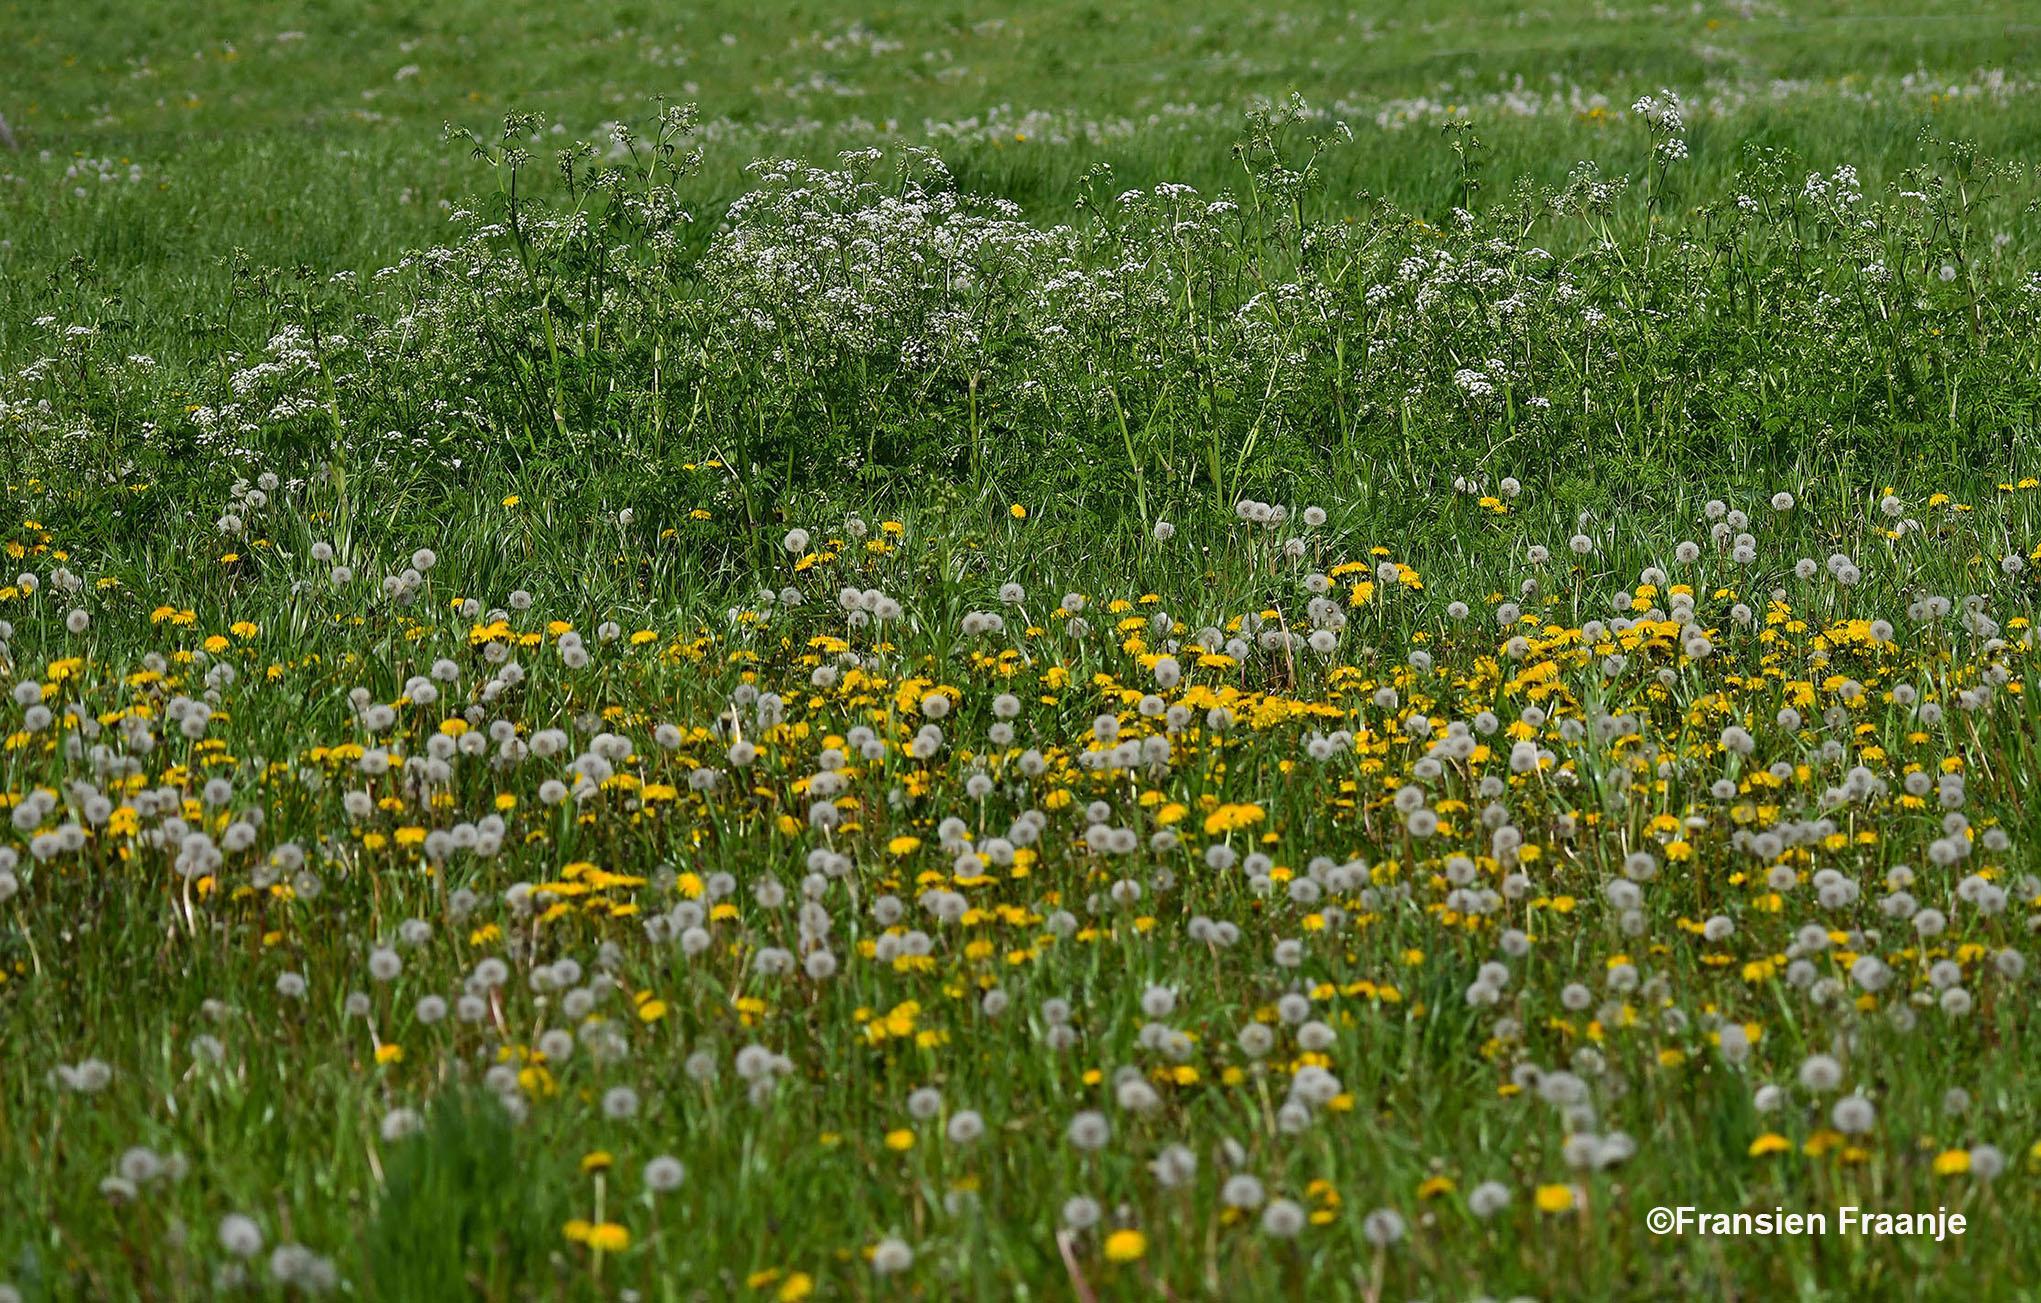 Bloemrijke weilanden vol met paardenbloemen, waarvan er ook al heel veel zijn uitgebloeid - Foto: ©Fransien Fraanje